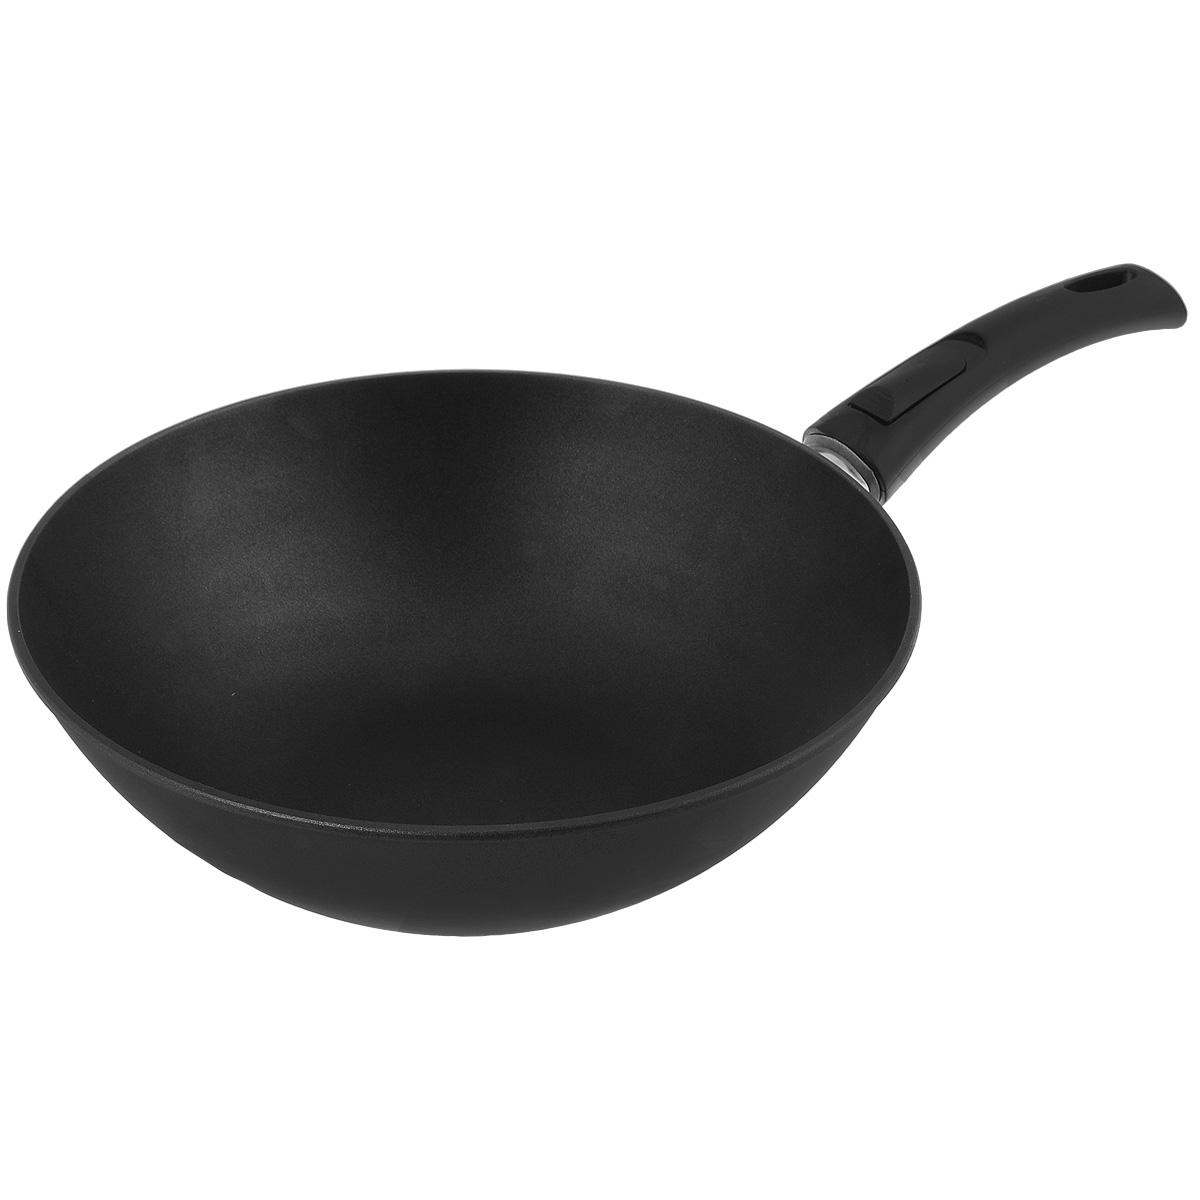 Сковорода-вок литая Нева Металл Посуда Титан, с полимер-керамическим антипригарным покрытием, со съемной ручкой, цвет: черный. Диаметр 30 см3130WЛитая сковорода-вок НМП Титан изготовлена из алюминия с полимер-керамическим антипригарным покрытием. Эргономичная ручка - съемная, что позволяет использовать сковороду-вок в духовом шкафу или морозильной камере. Особенности посуды серии ТИТАН: - 4-слойная антипригарная полимер-керамическая система ТИТАН обладает повышенной износостойкостью, достигаемой за счет особой структуры и специальной технологии нанесения. Это собственная запатентованная разработка компании, не имеющая аналогов в России. Прототип покрытия применялся при постройке космического корабля Буран и орбитальных спутников - в состав системы ТИТАН входят антипригарные слои на водной основе - система ТИТАН традиционно производится без использования PFOA /перфтороктановой кислоты/ - равномерно нагревается за счет особой конструкции корпуса по принципу золотого сечения, толстых стенок и еще более толстого дна - приготовленная еда получается особенно вкусной благодаря специфическим...